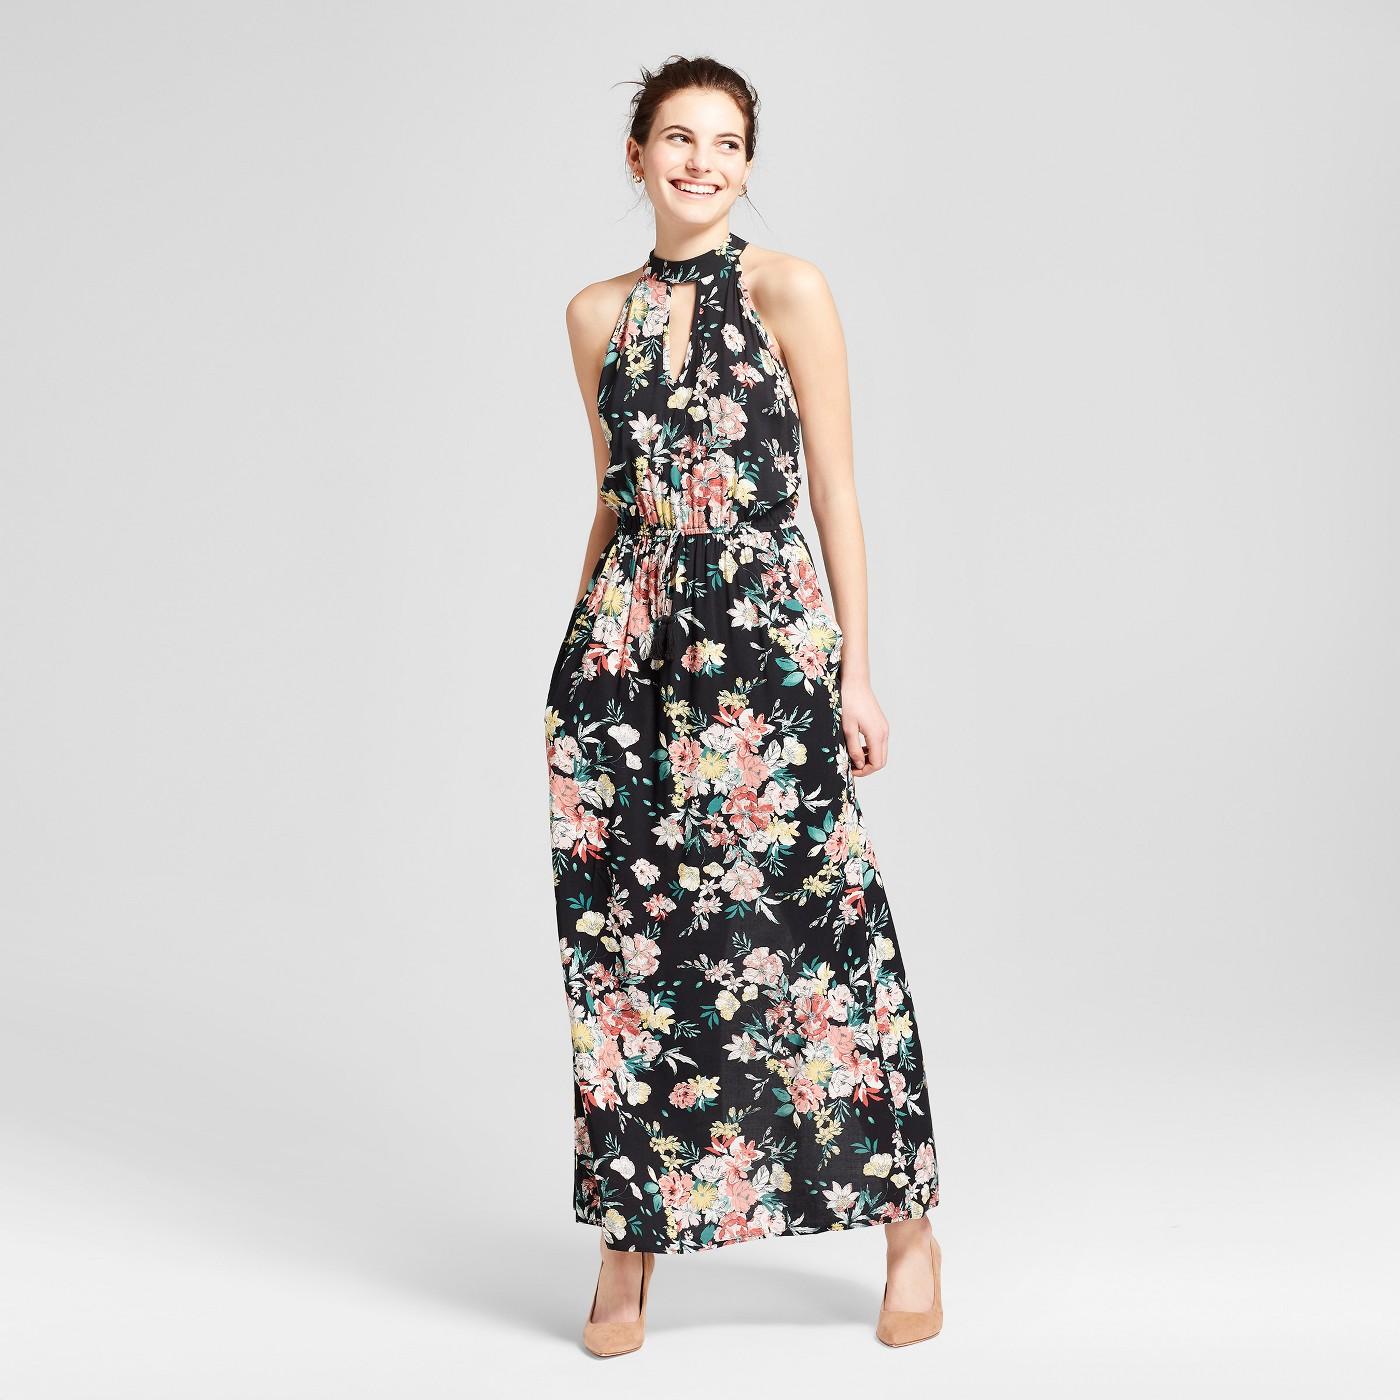 maxi dresses best under 35 summer target black floral